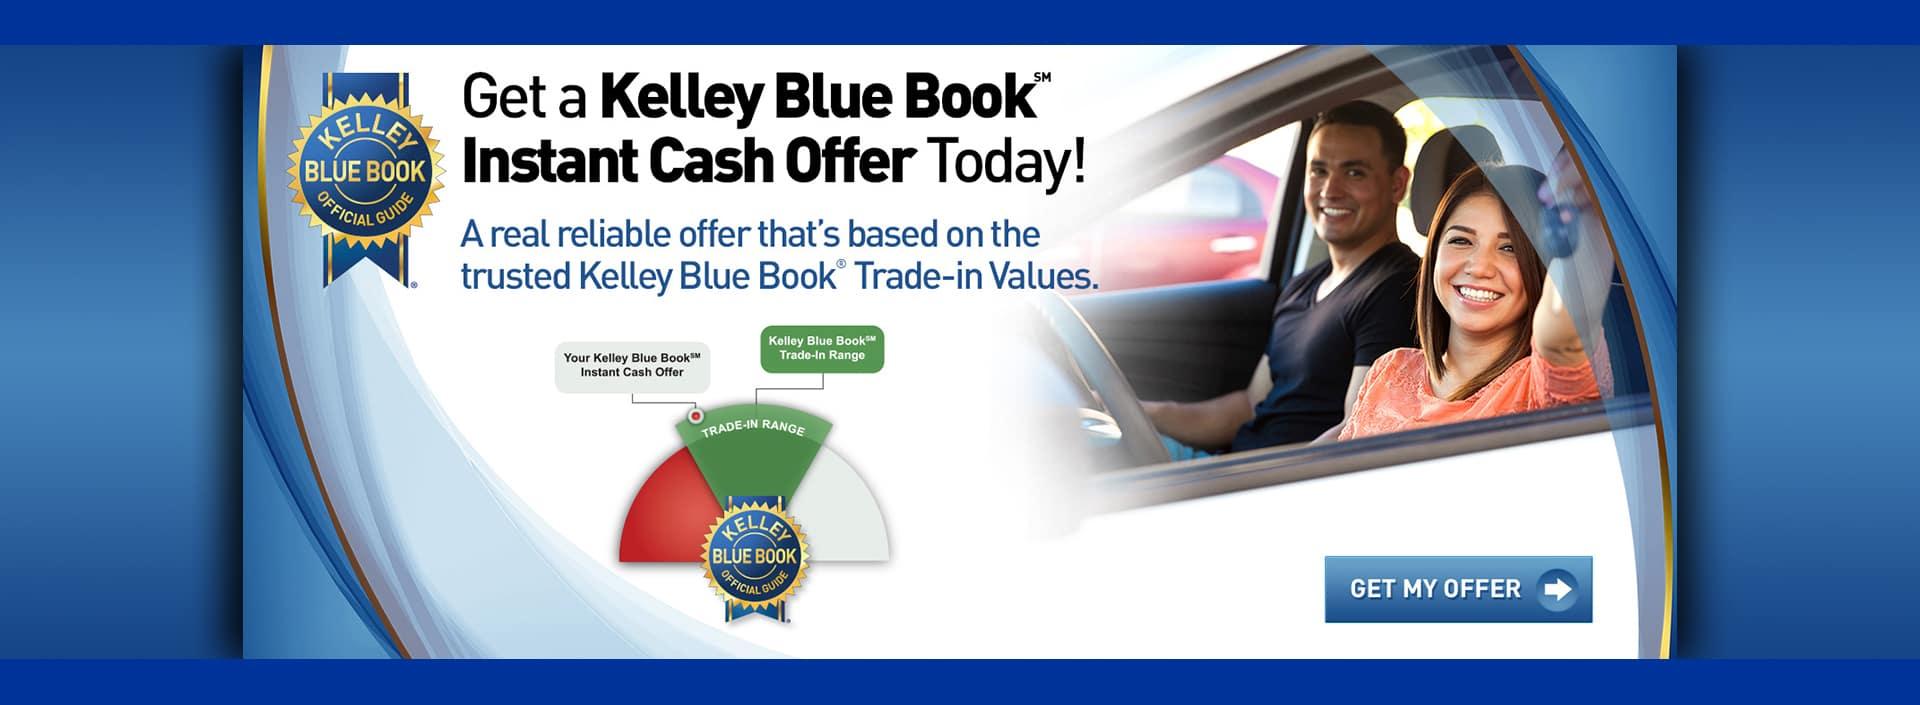 KBB_Instant_Cash_Offer